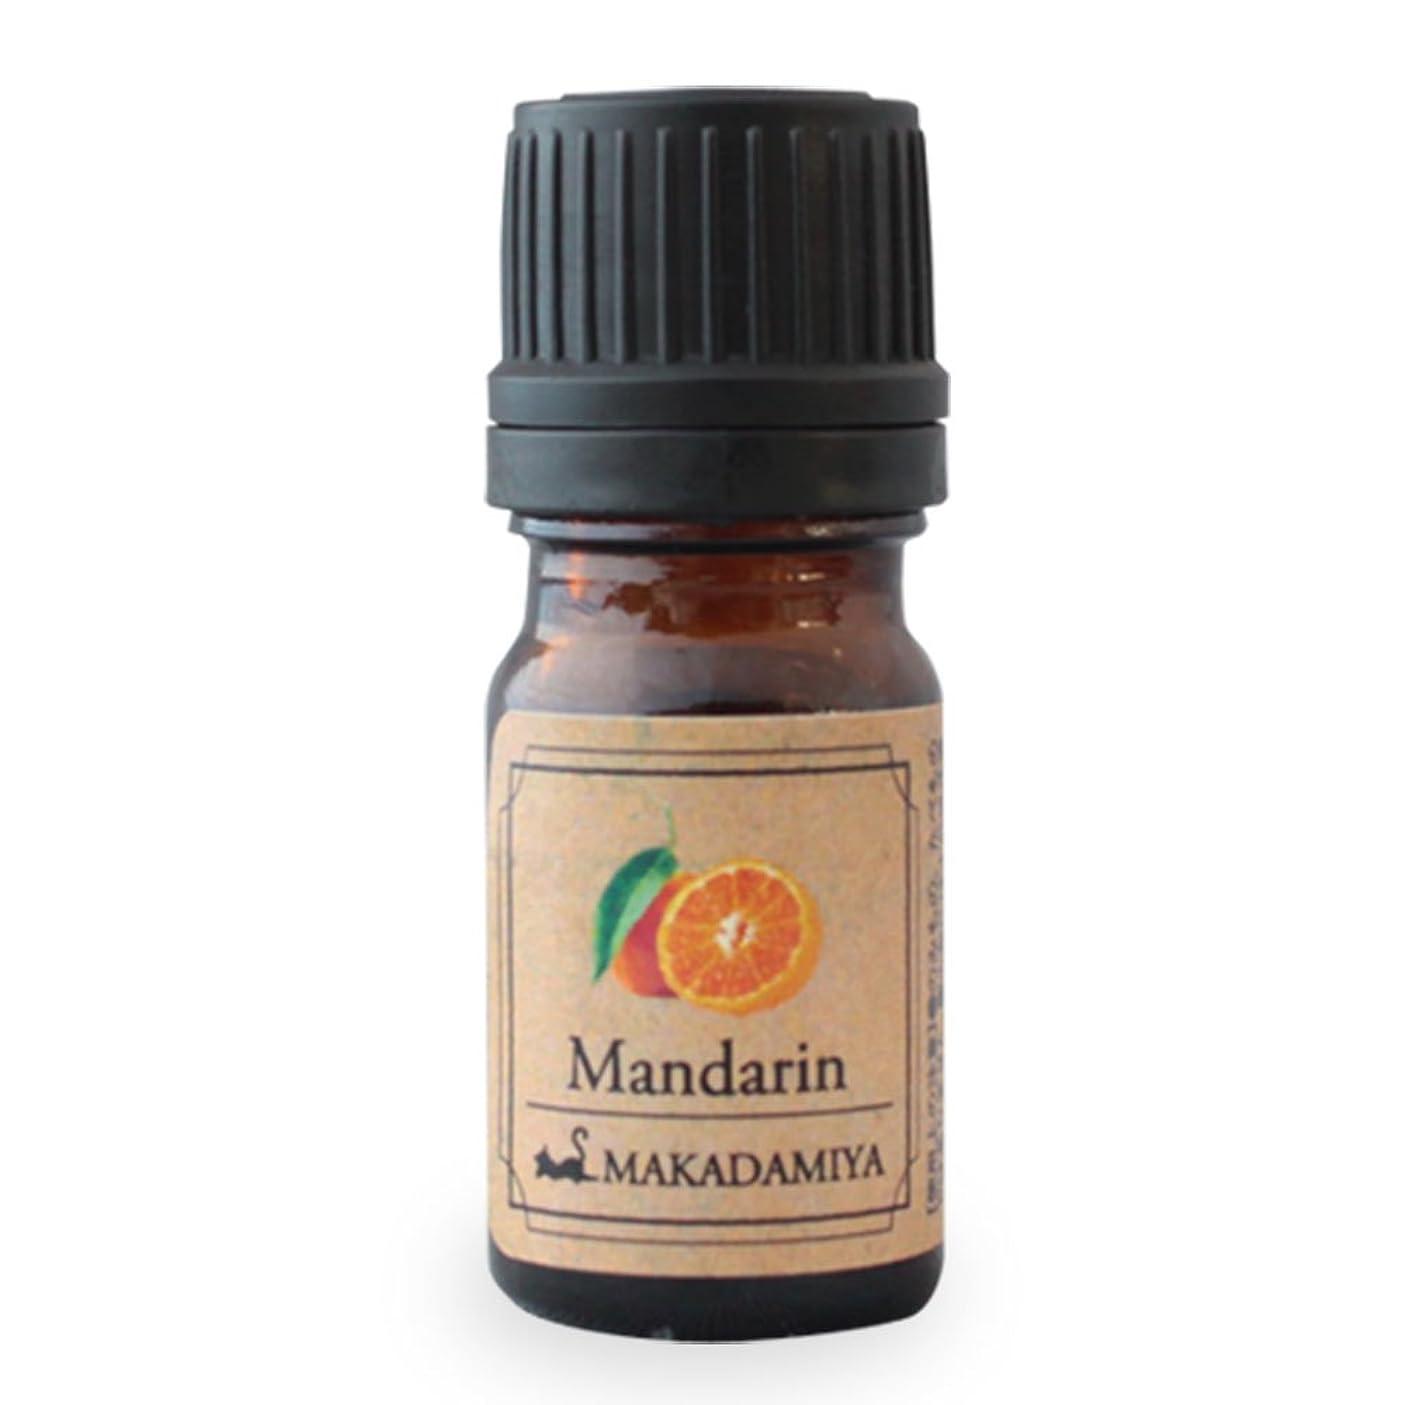 良心的受け継ぐ愛情マンダリン5ml 天然100%植物性 エッセンシャルオイル(精油) アロマオイル アロママッサージ aroma Mandarin